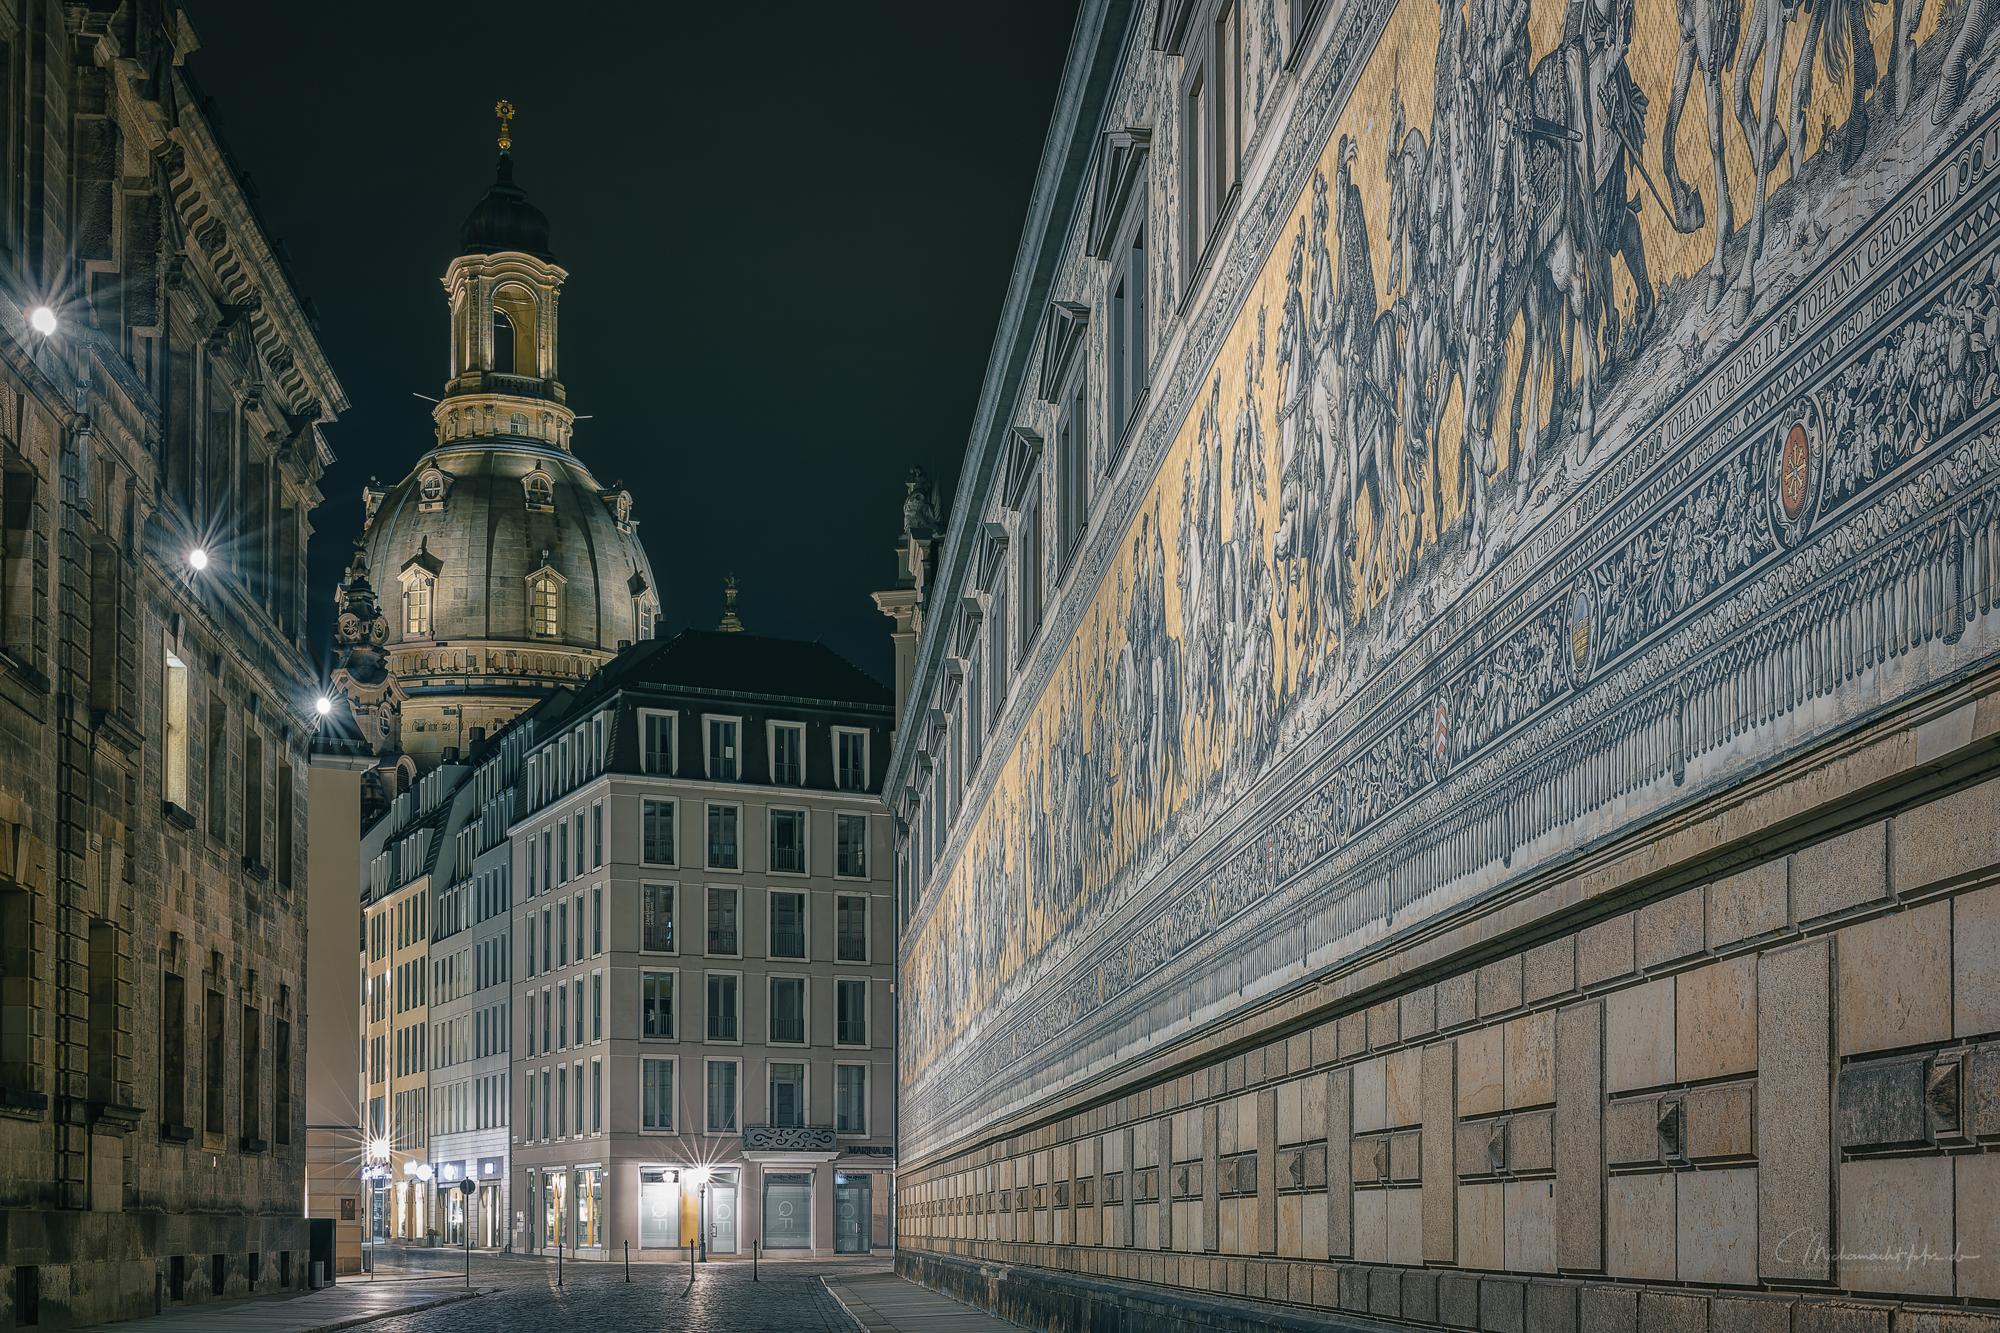 Dresden Fürstenzug mit Frauenkirche, Germany